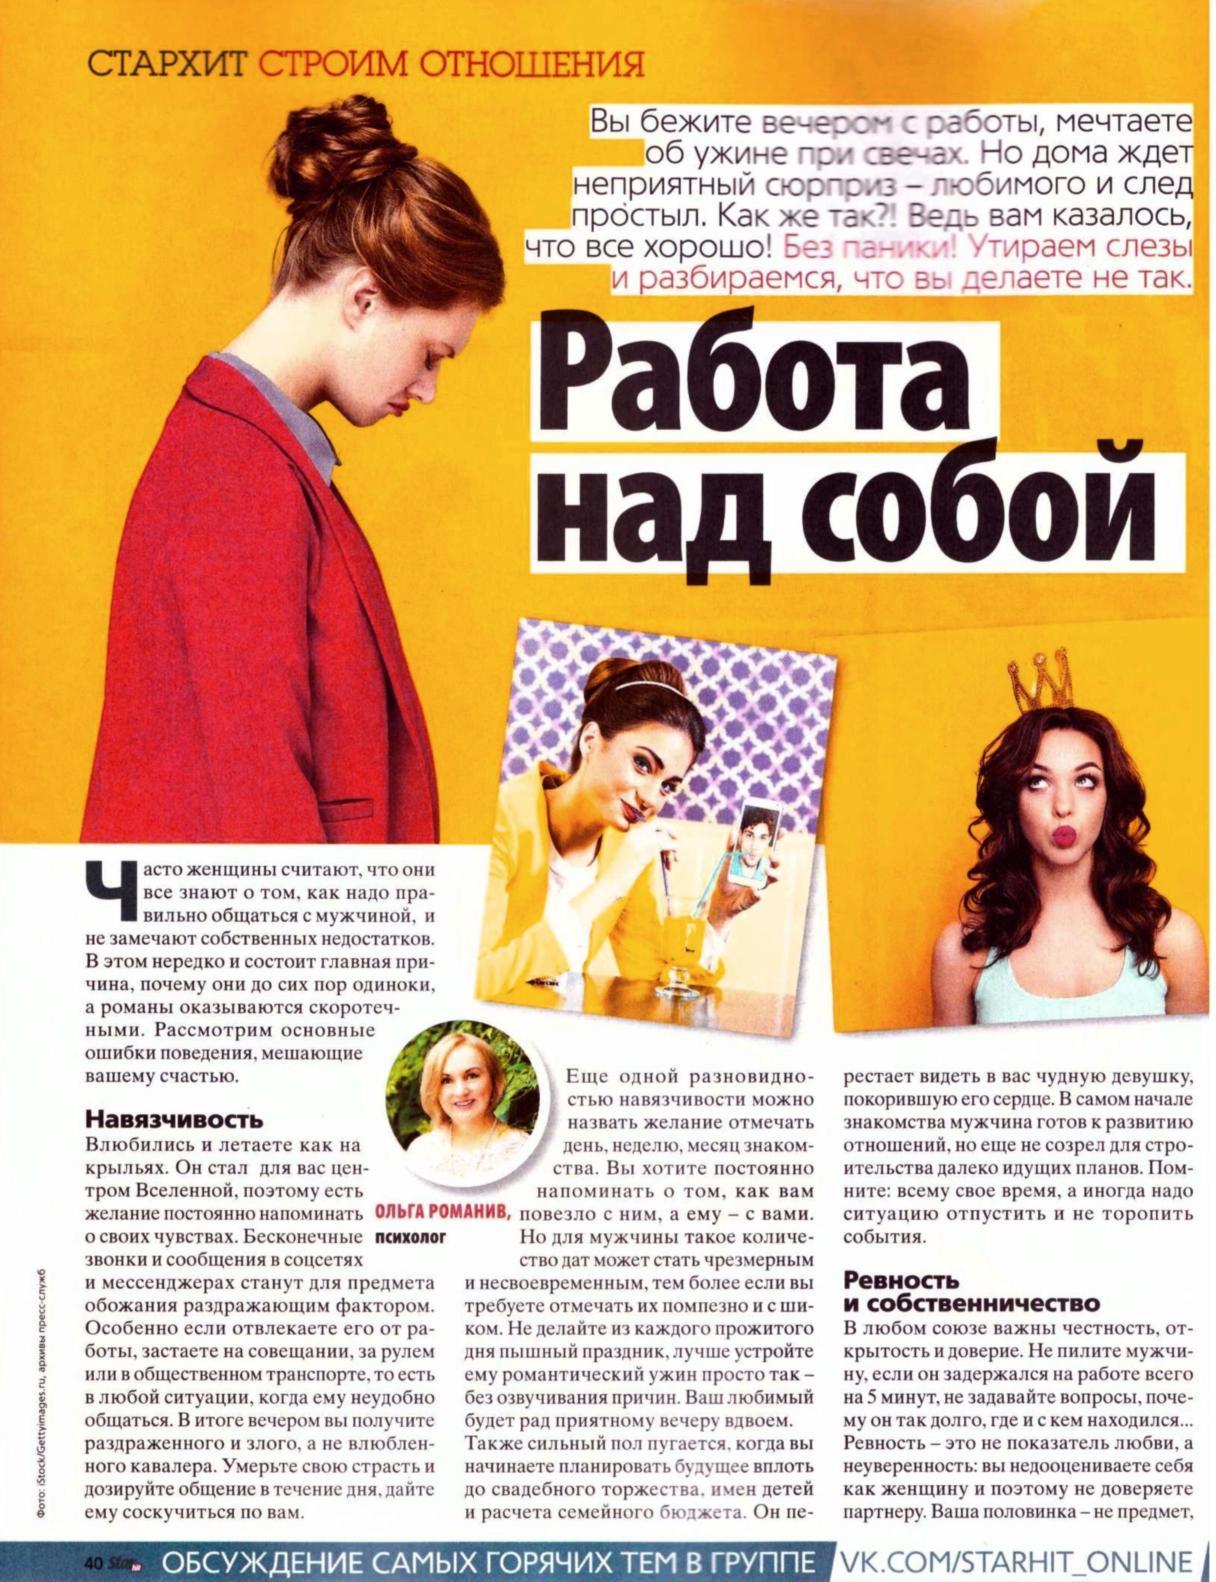 Работа над собой девушки анастасия шевченко фото